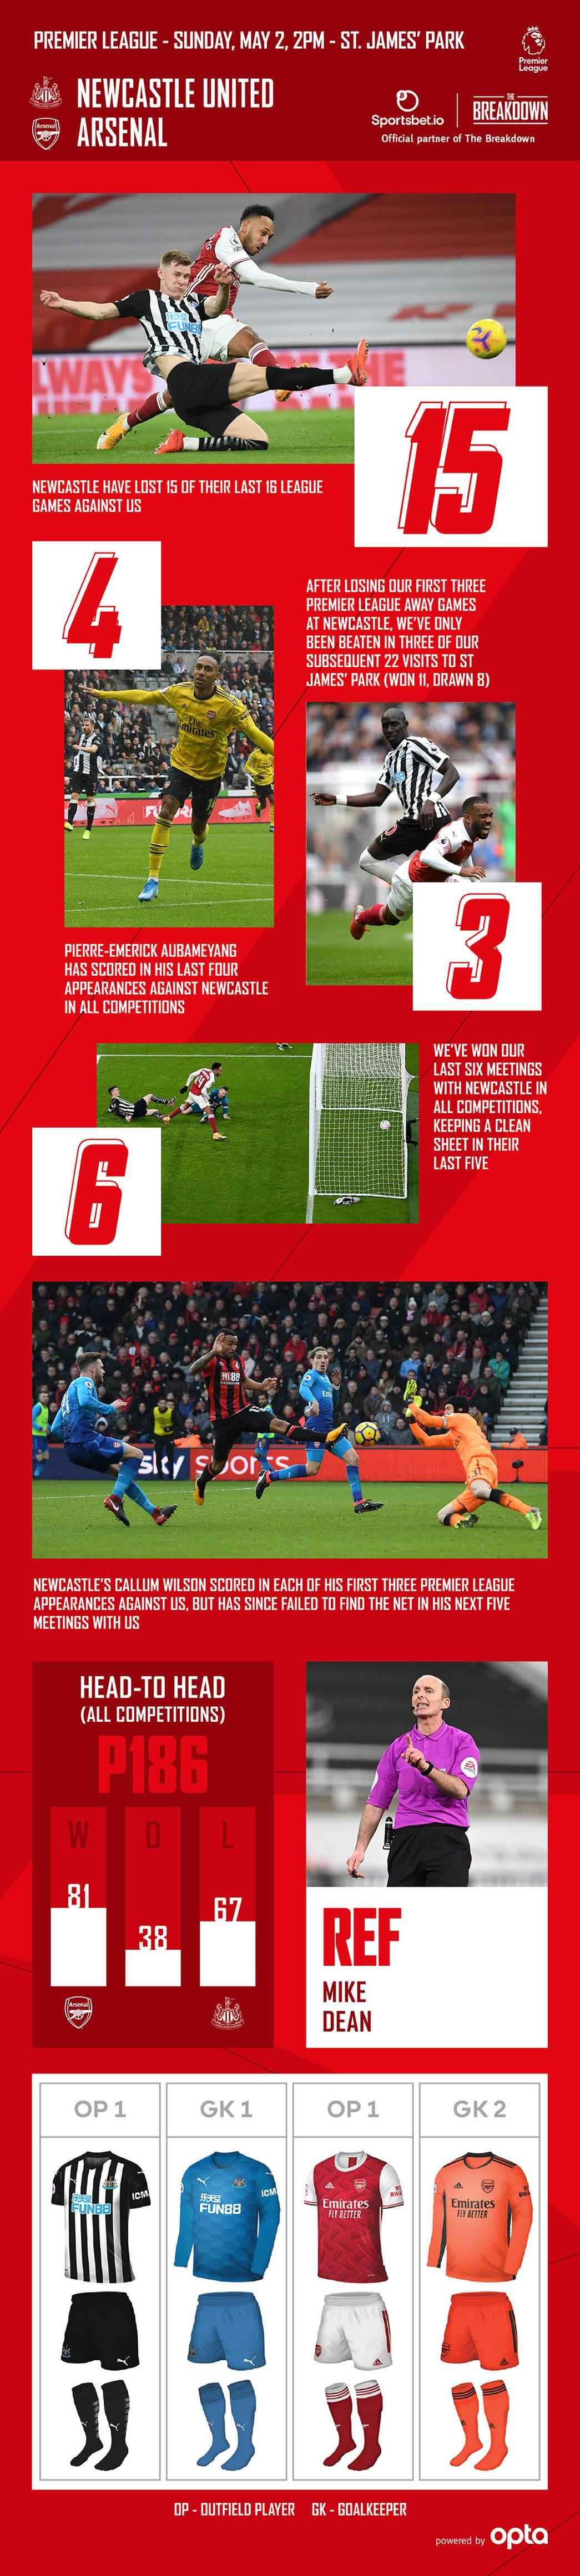 Newcastle United Vs ArsenalBreakdown